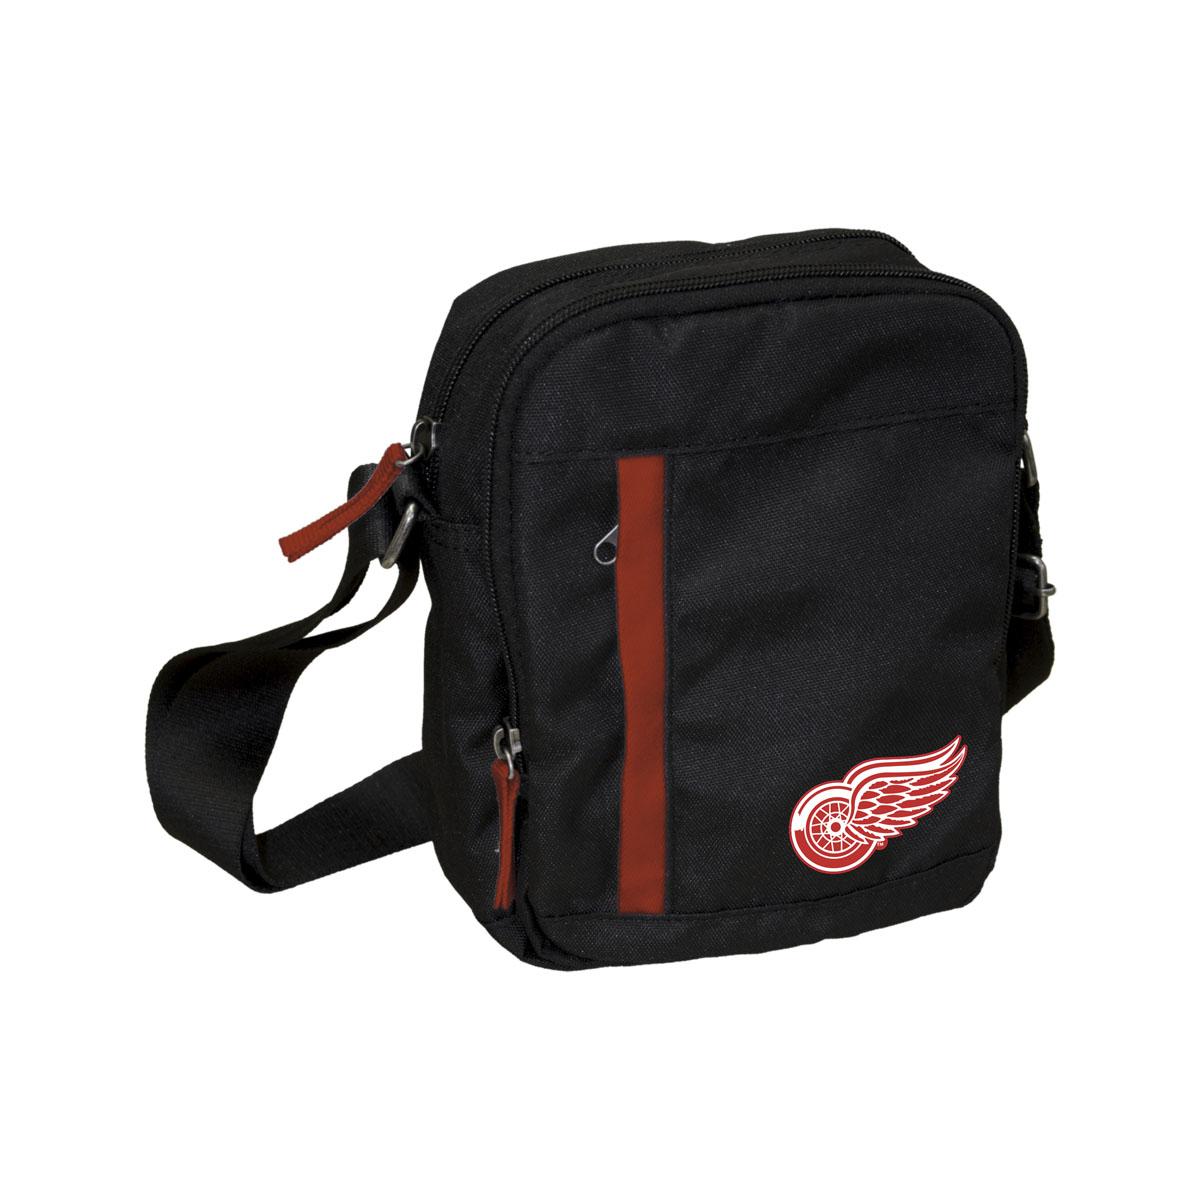 Сумка на ремне NHL Red Wings, цвет: черный, 3,5 л. 5801758017Универсальная сумка NHL Red Wings на регулируемом плечевом ремне имеет два отделения на молнии. Внешний карман на молнии отделан контрастной полосой. Основное отделение содержит четыре небольших кармана для мелочей, один из них на молнии. Сумка украшена эмблемой хоккейной команды Red Wings.